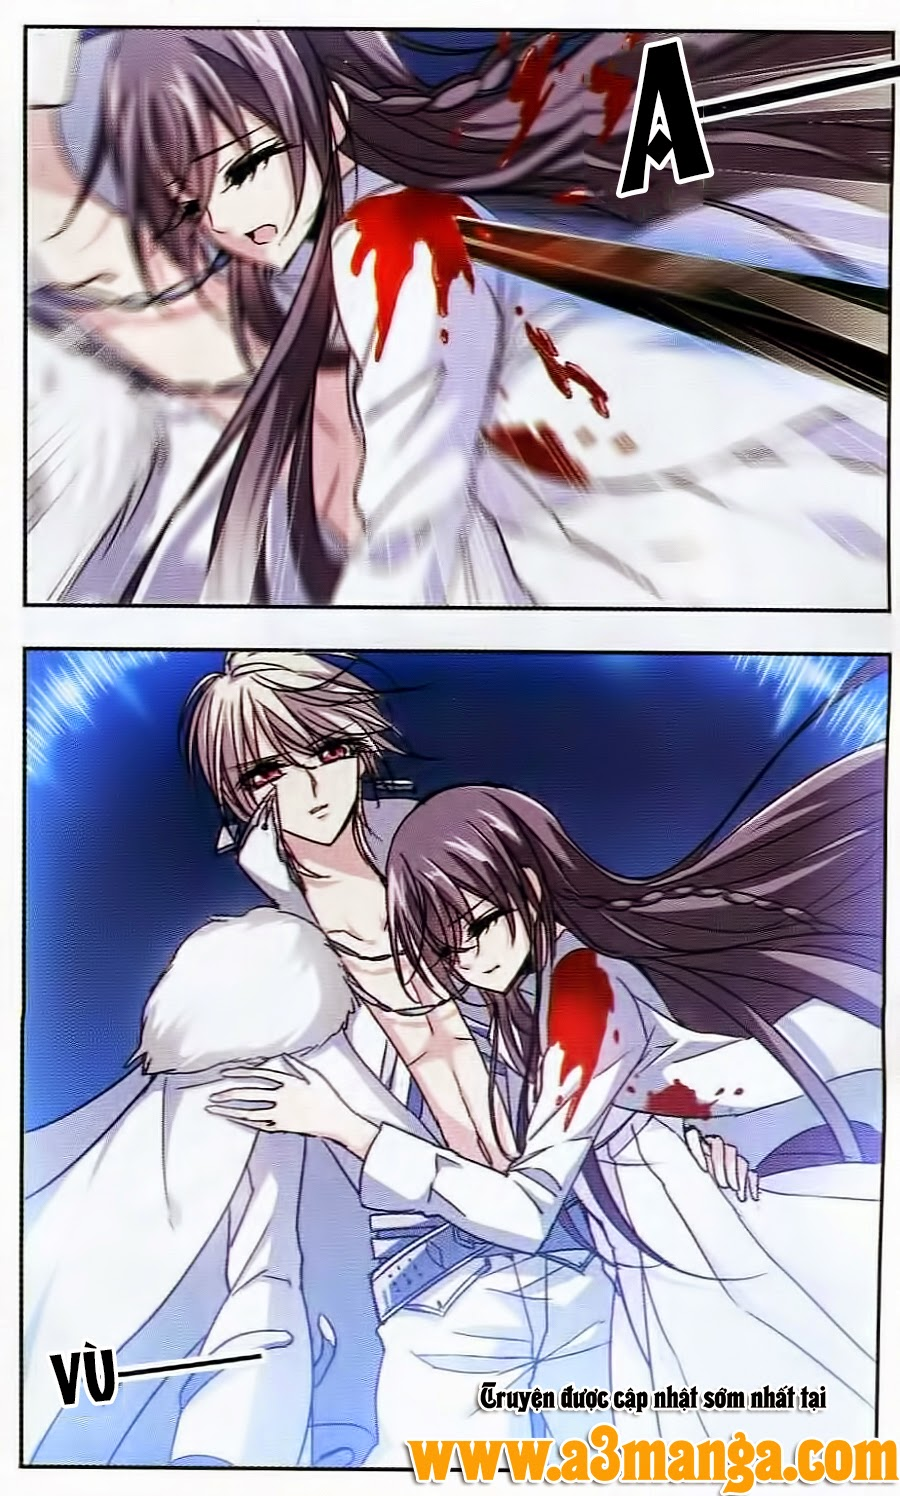 Huyết Tộc Cấm Vực